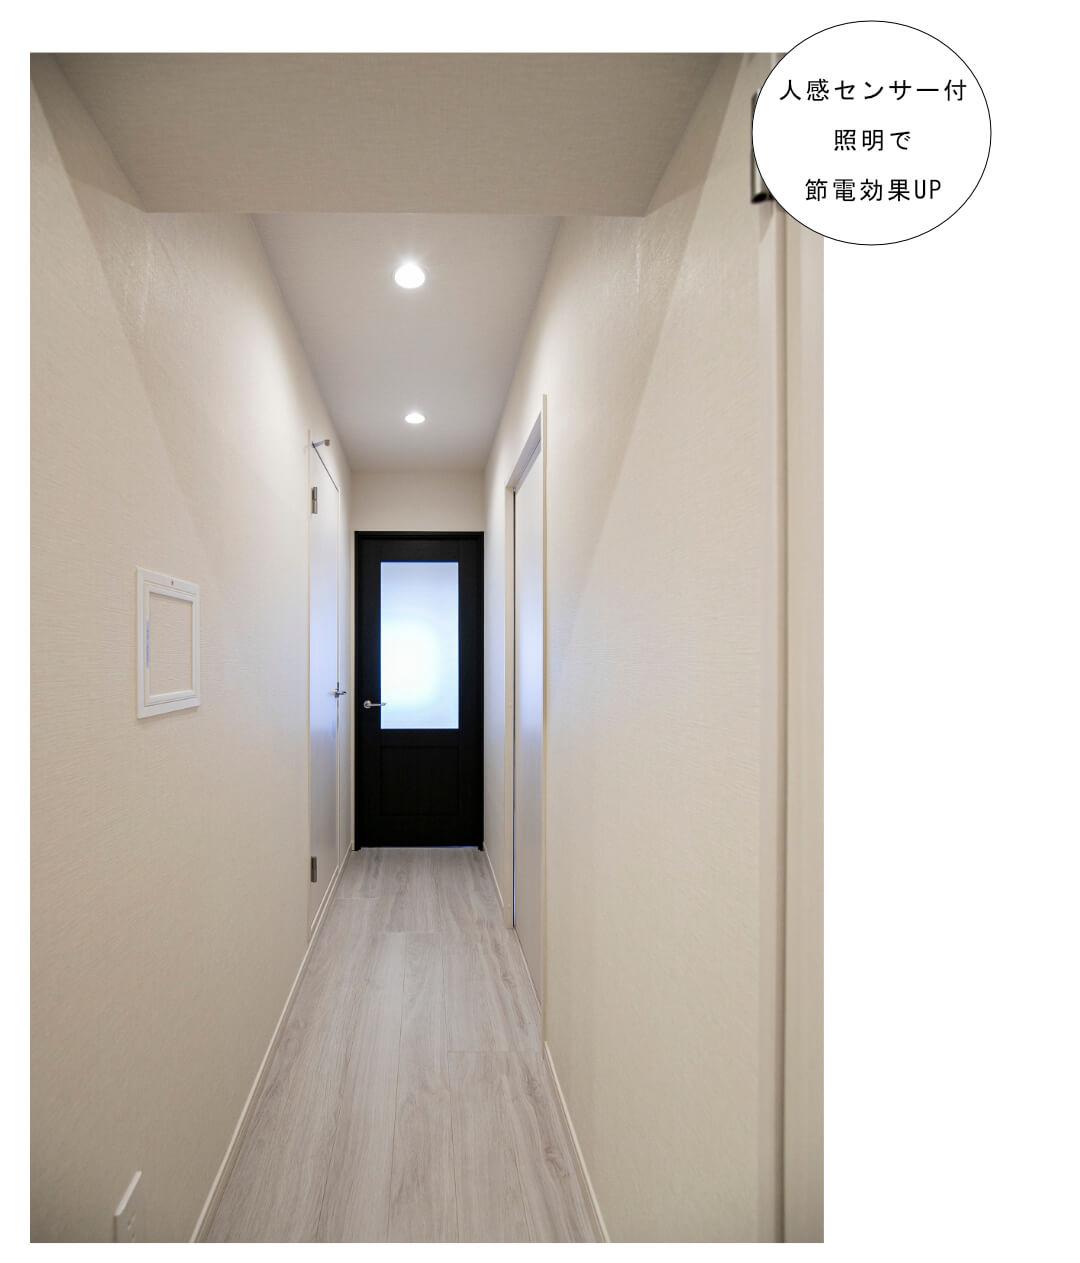 パレ・ドール方南町 207号室の玄関・廊下